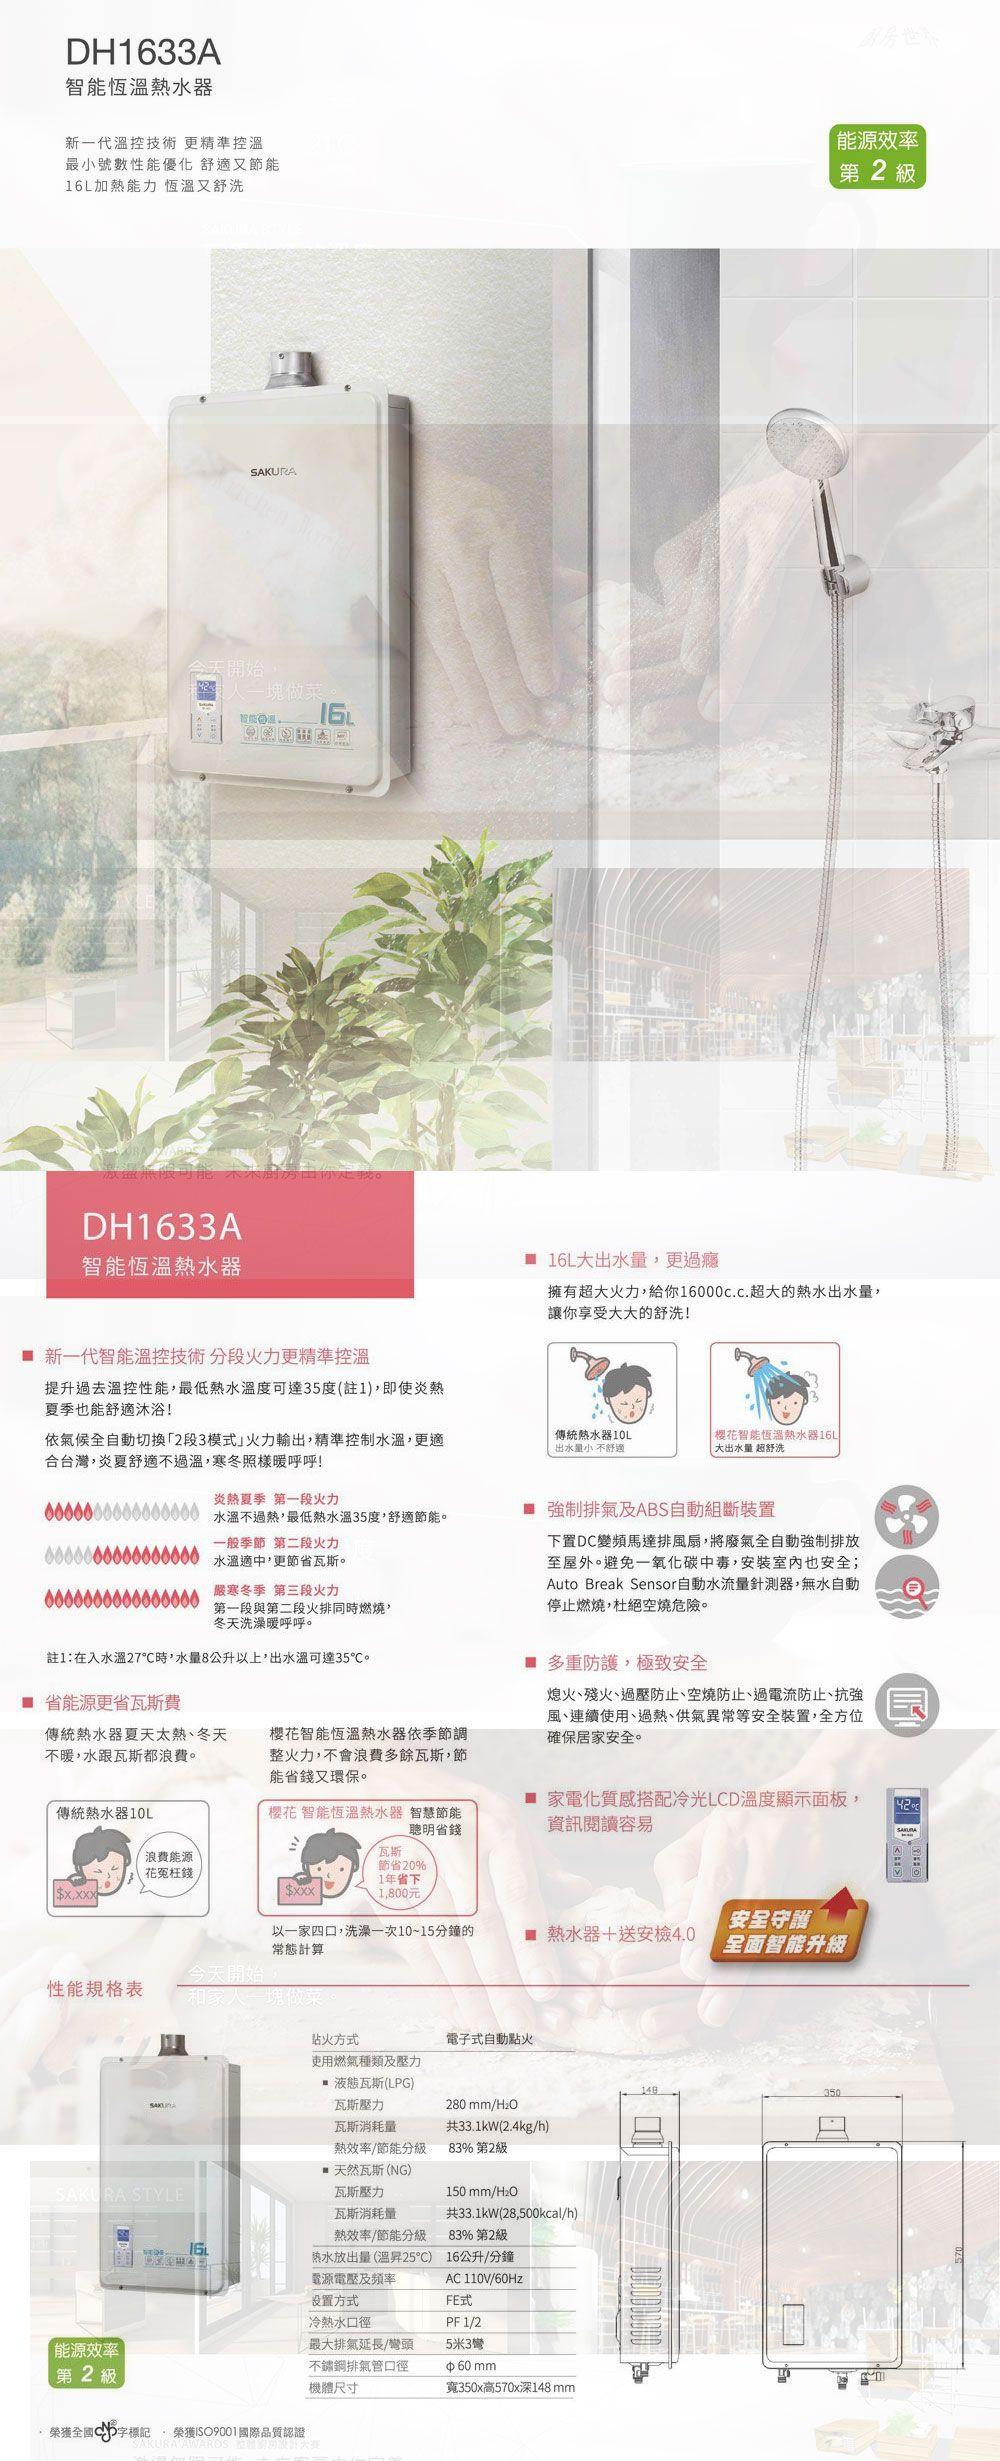 PK/goods/SAKURA/Water Heater/DH1633A-DM-1.jpg